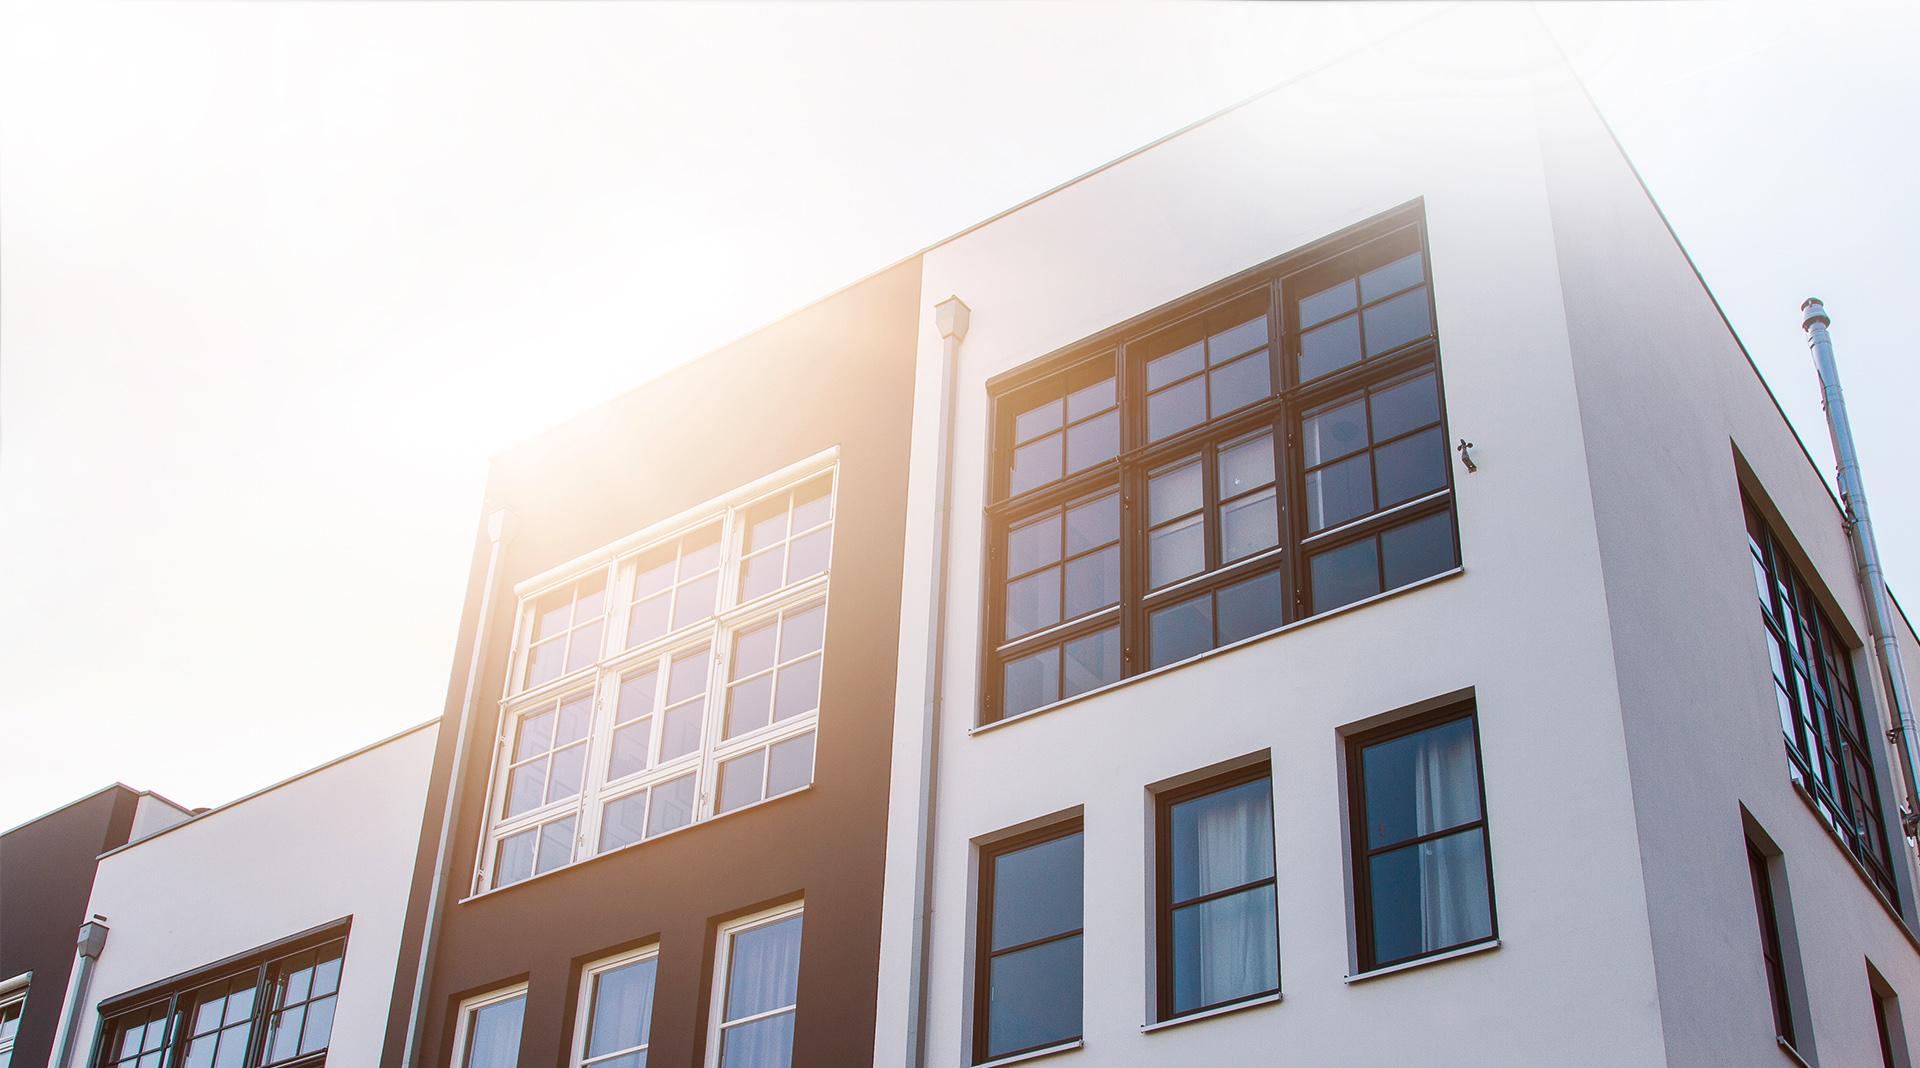 Immobilienvertrieb für Bauträger